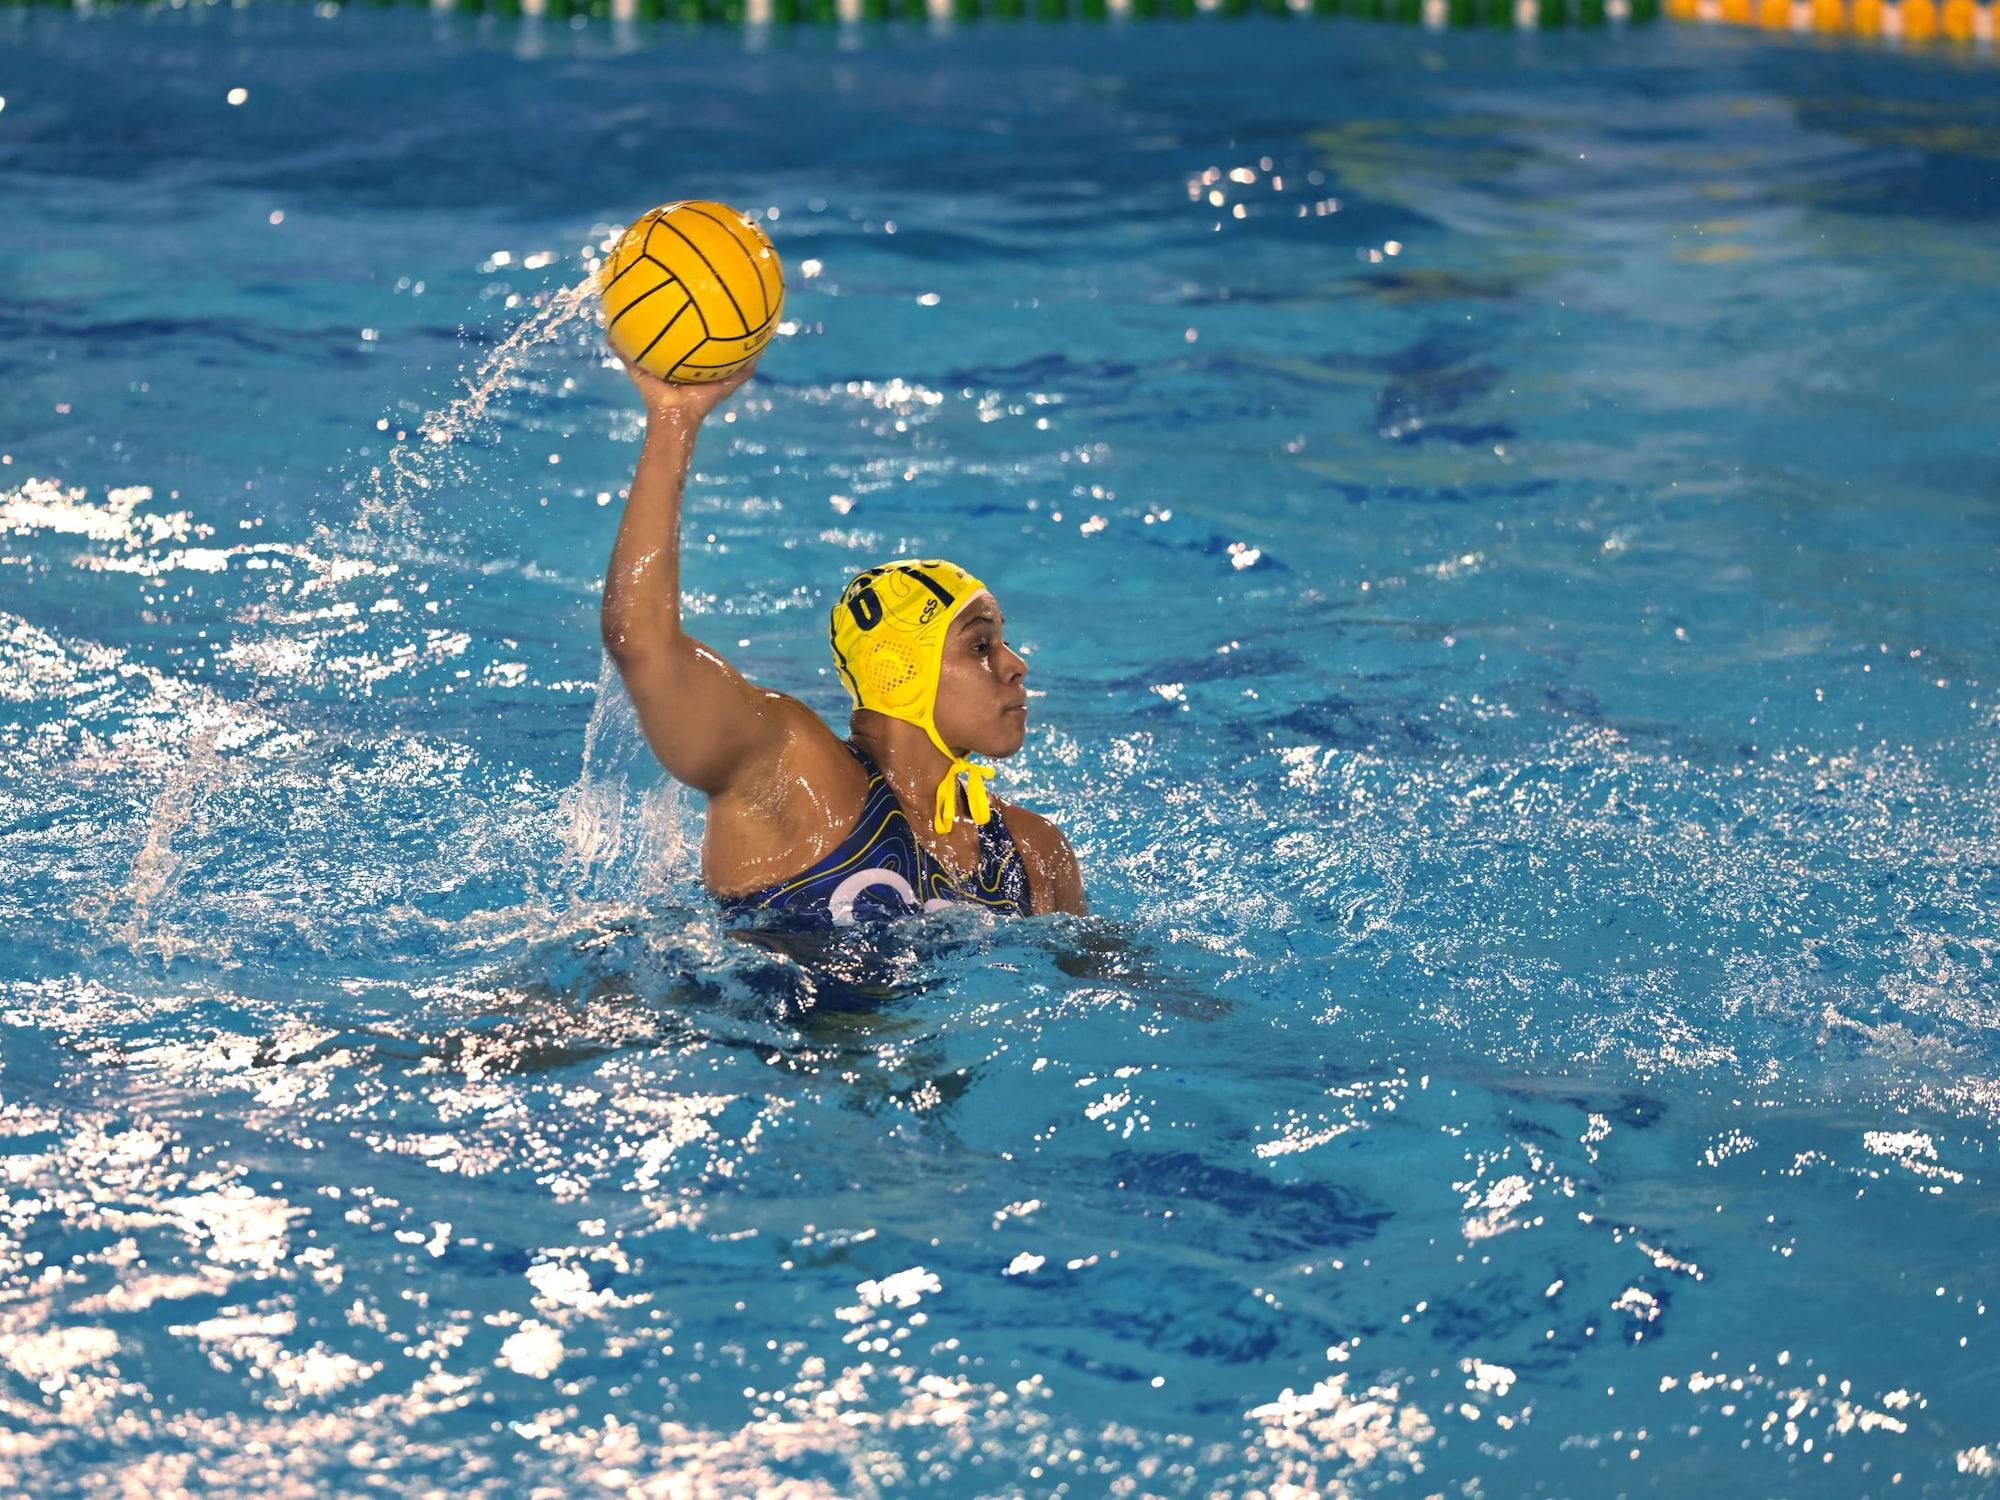 La joueuse de water-polo tient le ballon à bout de bras.